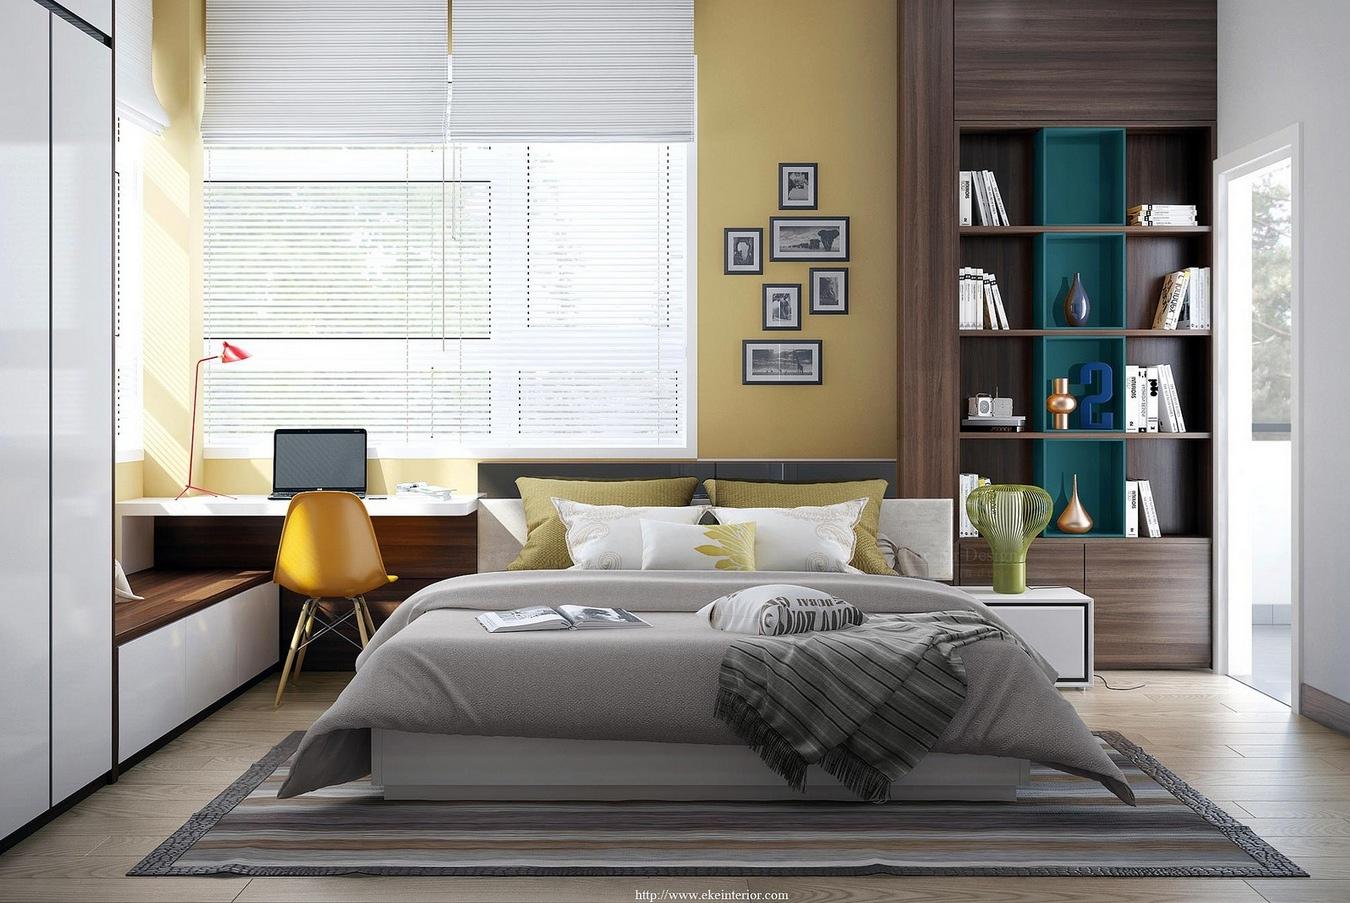 9-Yellow-white-bedroom-decor